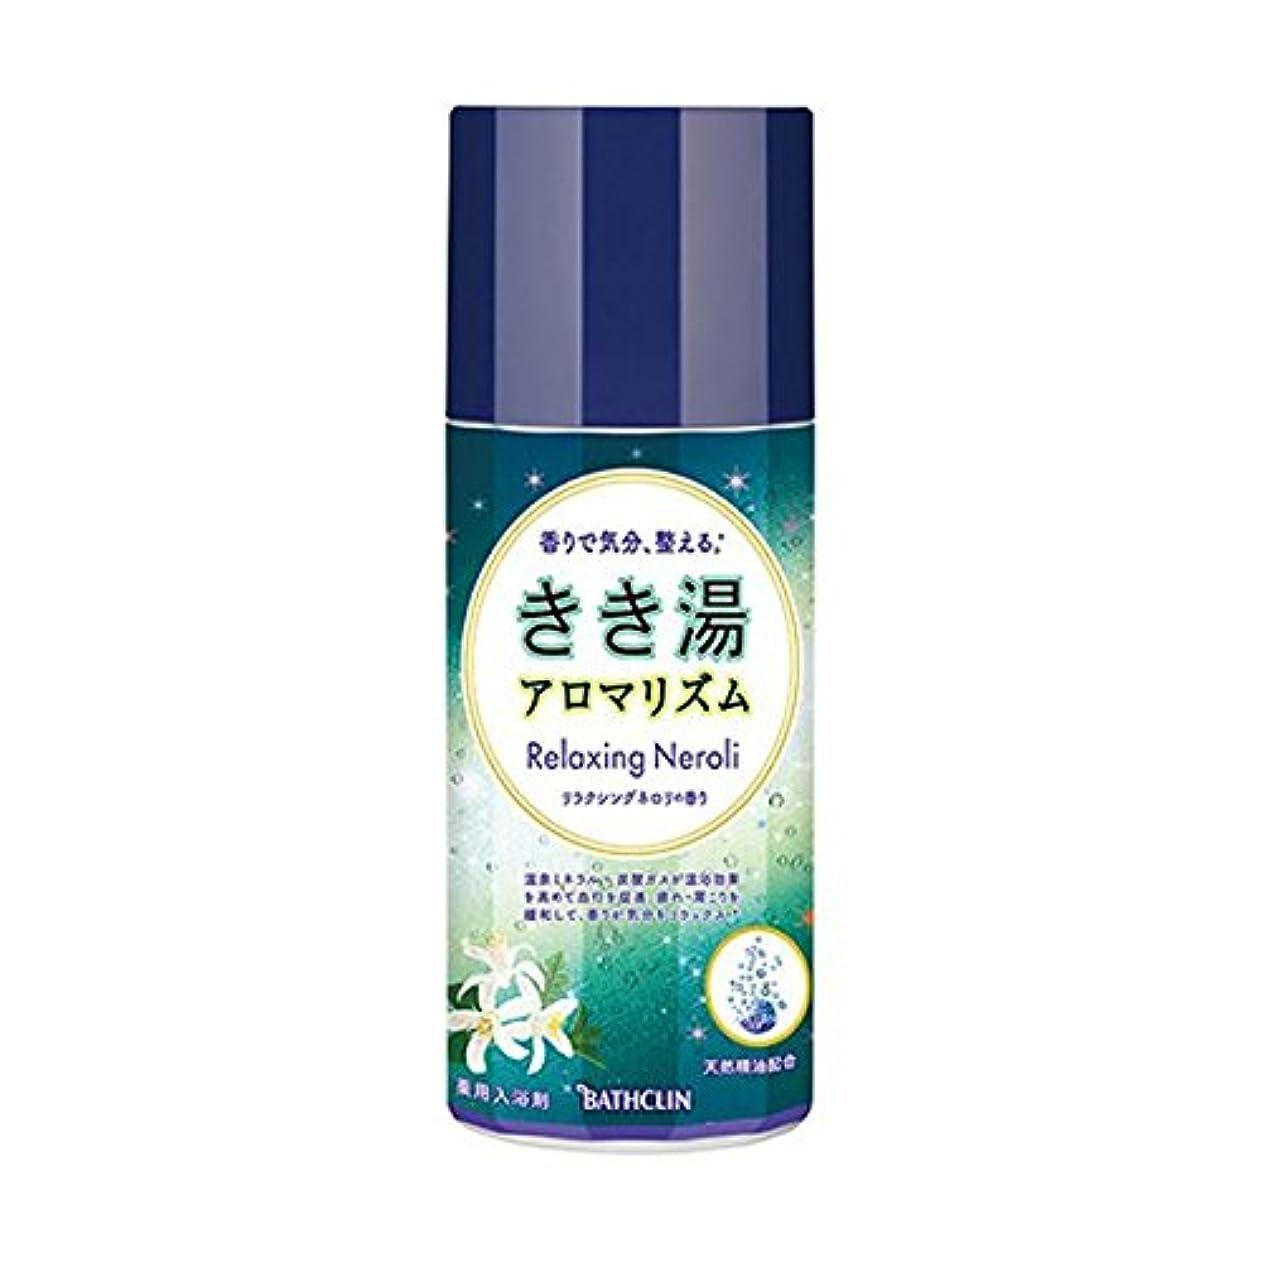 ラフ睡眠バック運命的なきき湯アロマリズム リラクシングネロリの香り 360gx3本 (4548514137585)